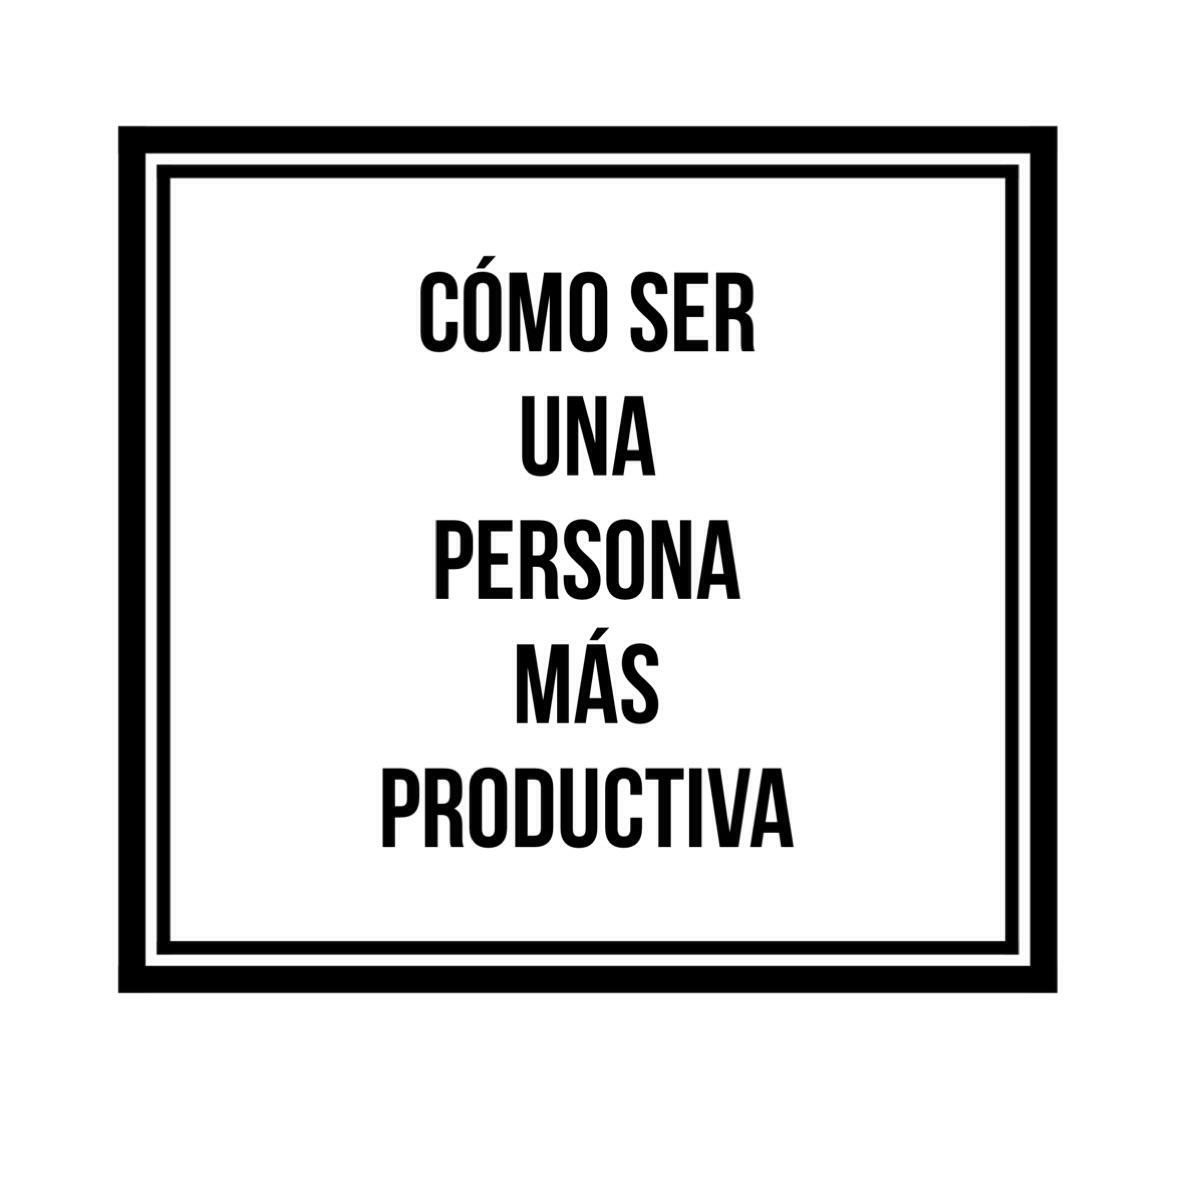 cómo ser una persona más productiva